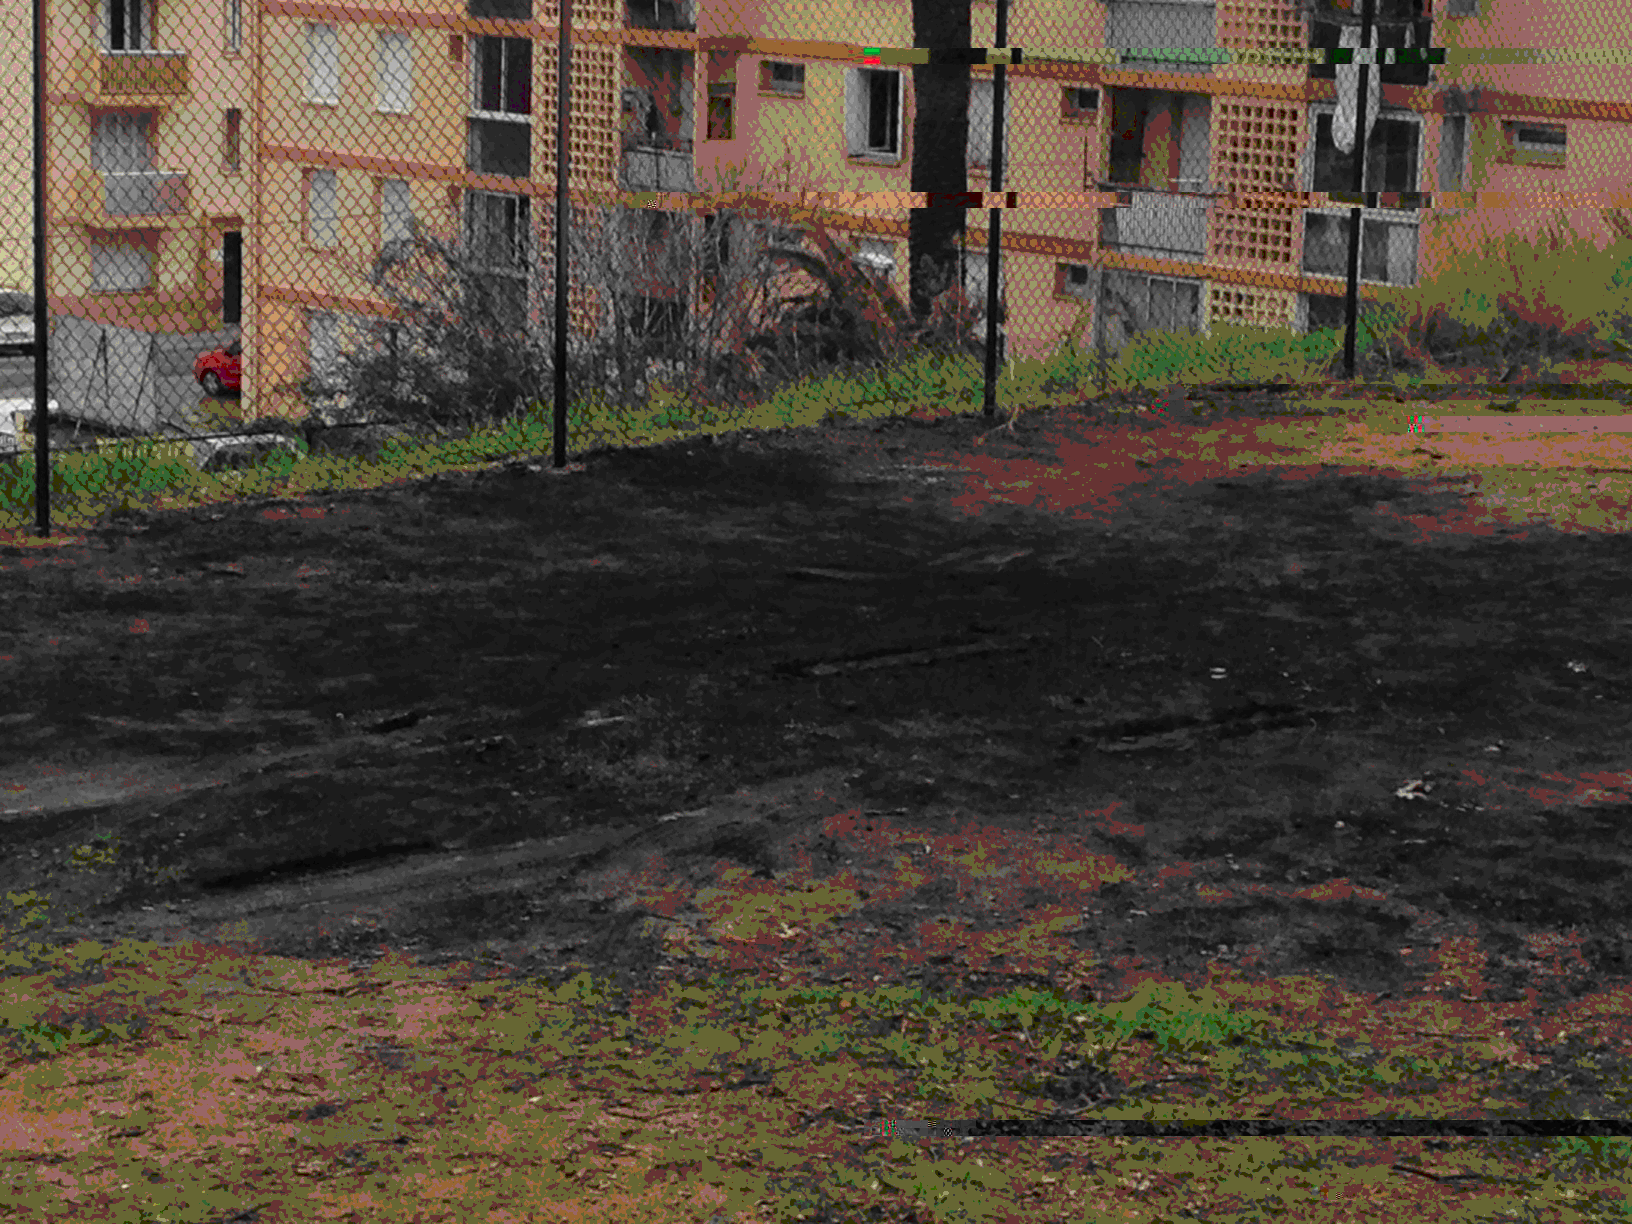 Le terrain qui portait encore les stigmates de l'incendie de Noël a été débarrassé des cendres et des déchets qui le jonchaient.